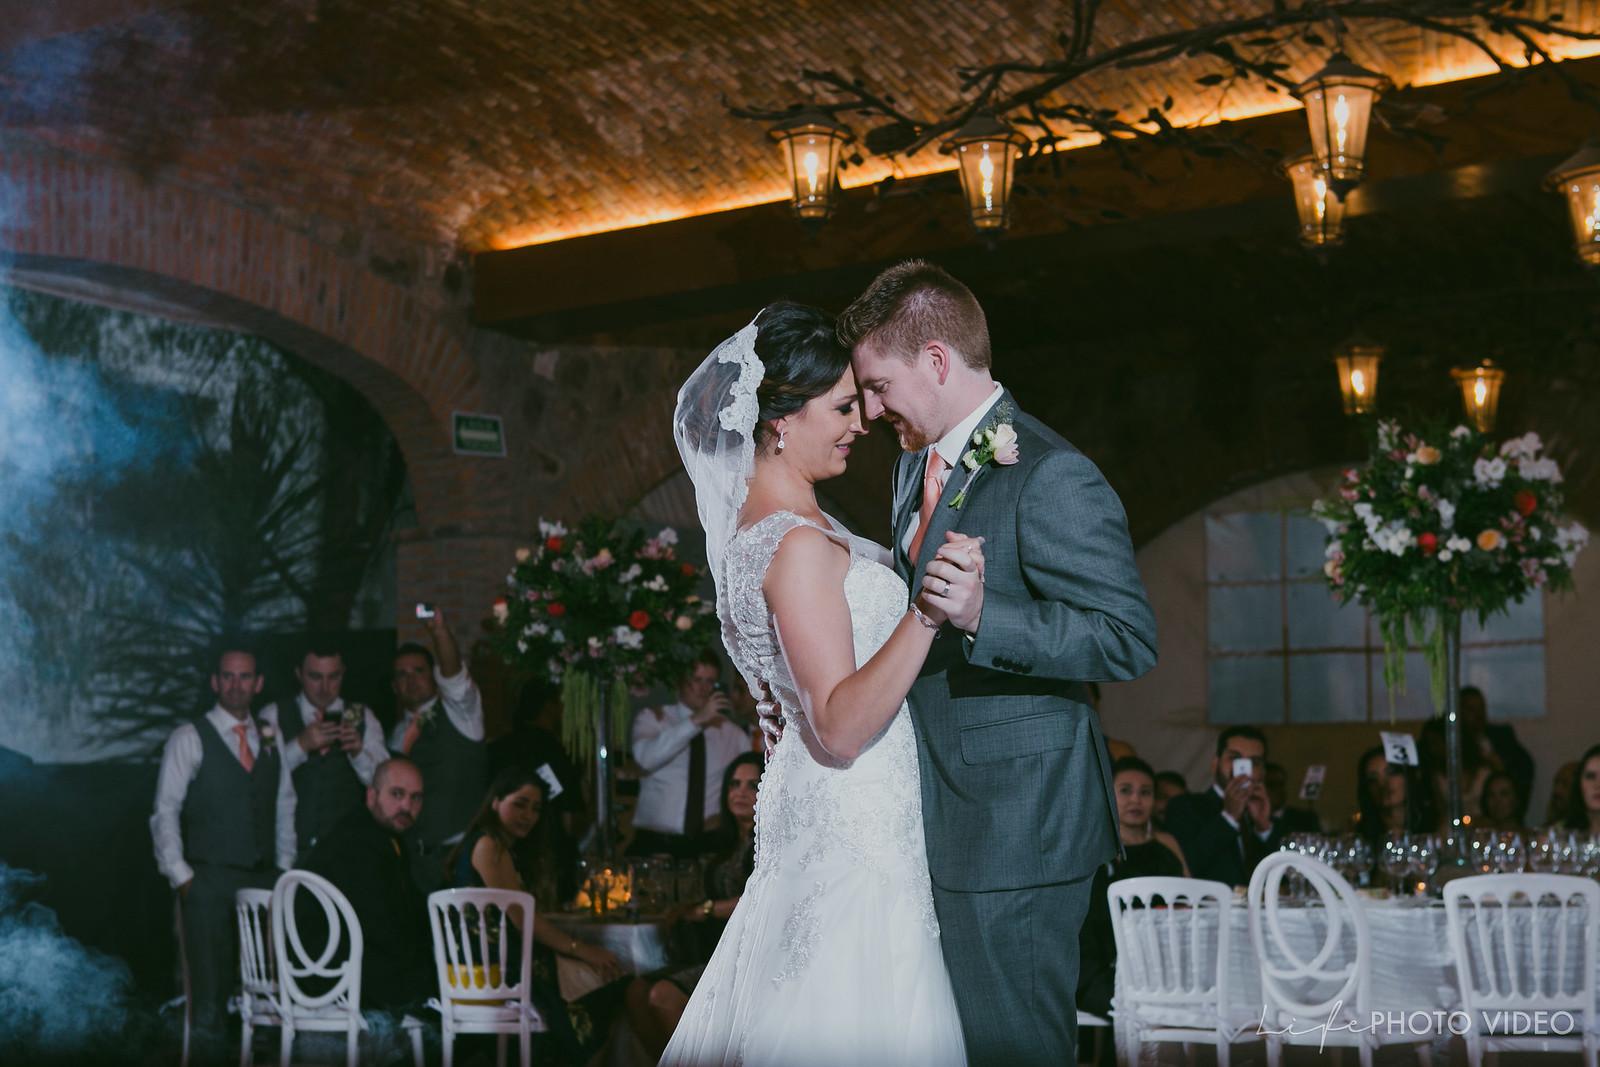 LifePhotoVideo_Boda_LeonGto_Wedding_0029.jpg